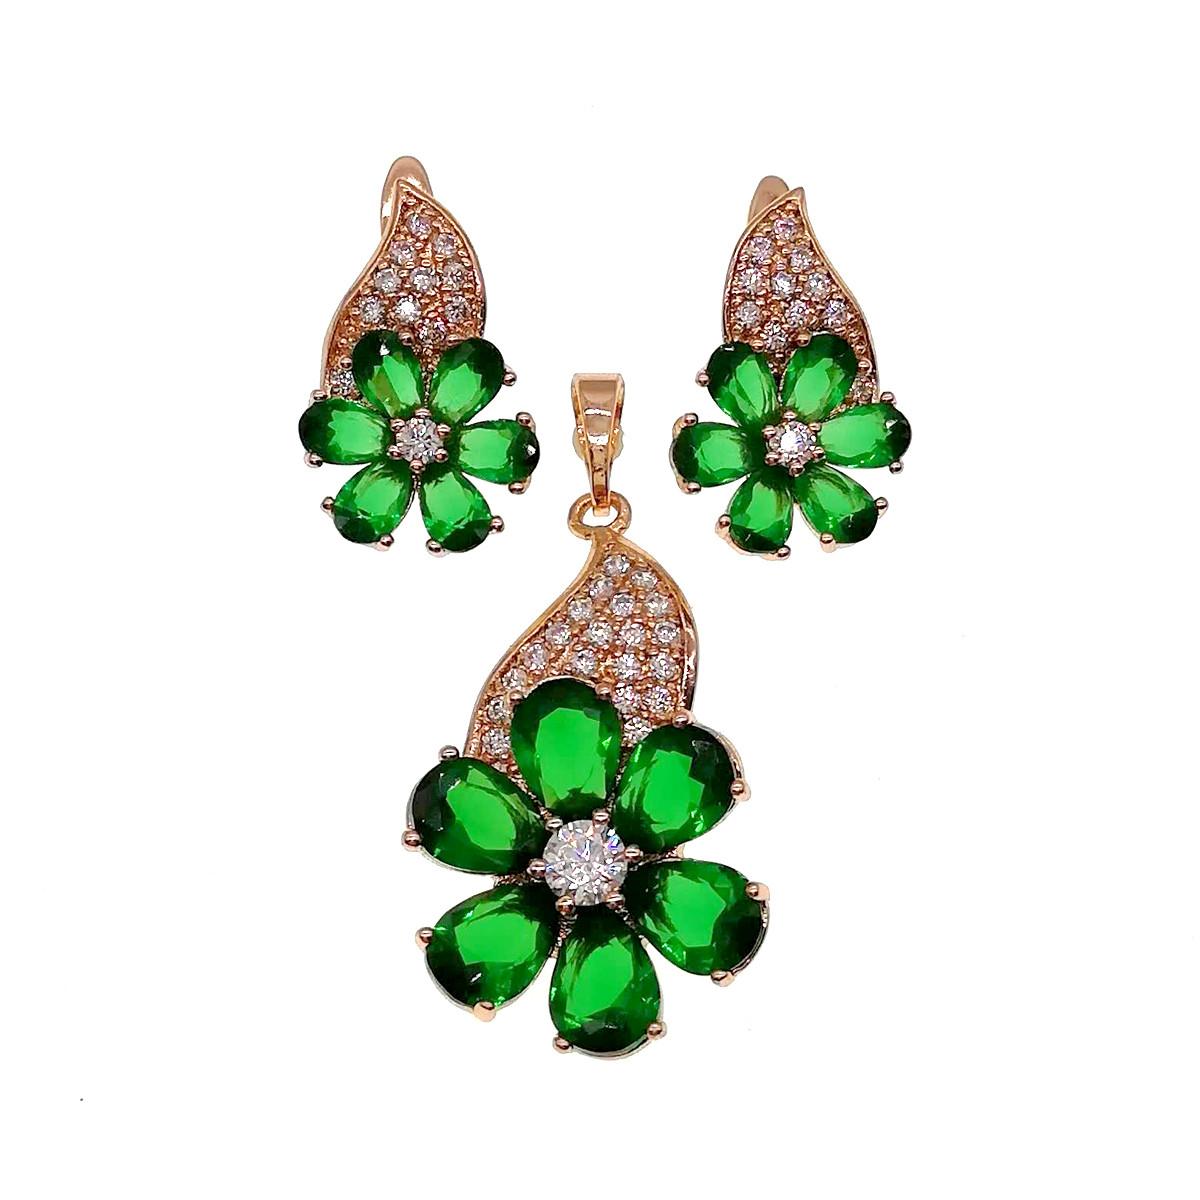 Комплект украшений (Серьги + подвеска), зеленые и белые фианиты, позолота 18К, 73610       (1)